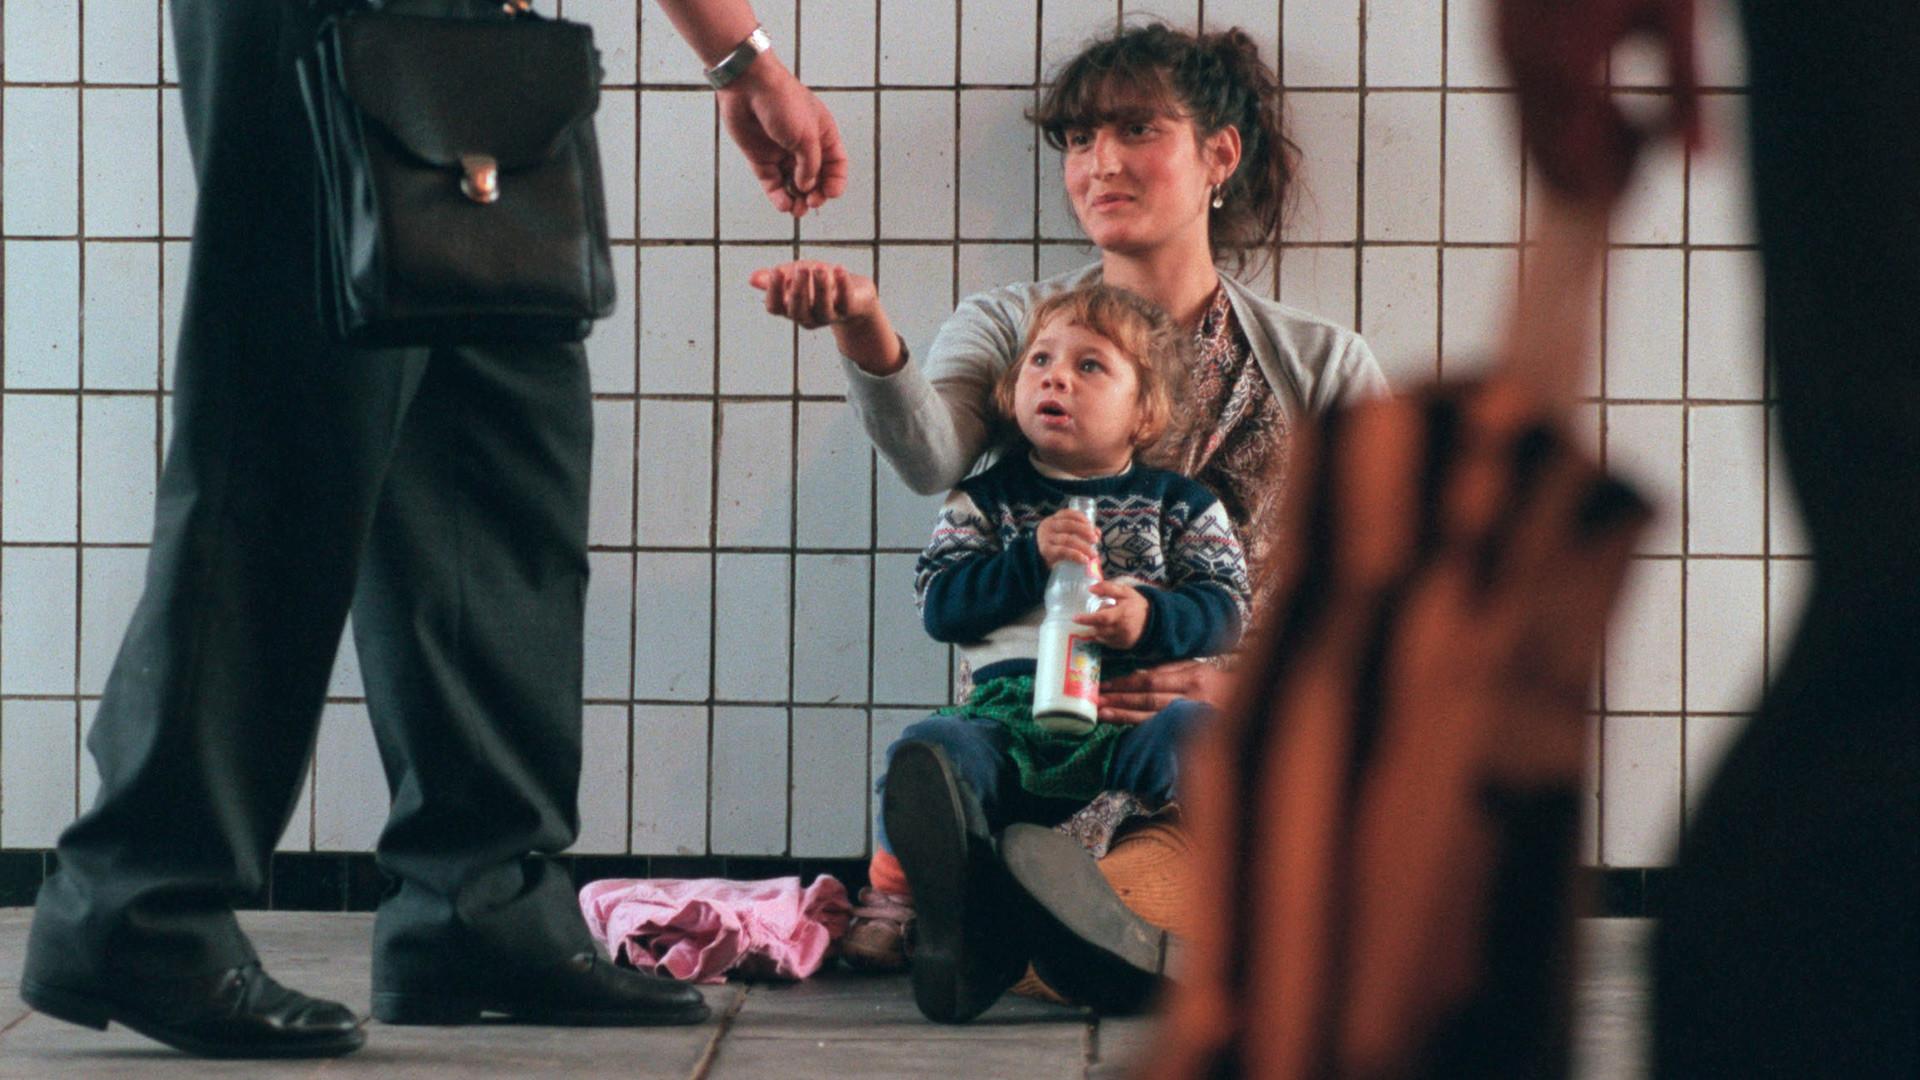 Maria et sa fille Maria, âgée de 4 ans, mendient dans un passage souterrain de Moscou. De nombreuses personnes originaires des anciennes républiques soviétiques ont afflué à Moscou à la recherche d'un emploi mais se sont retrouvées à la rue.